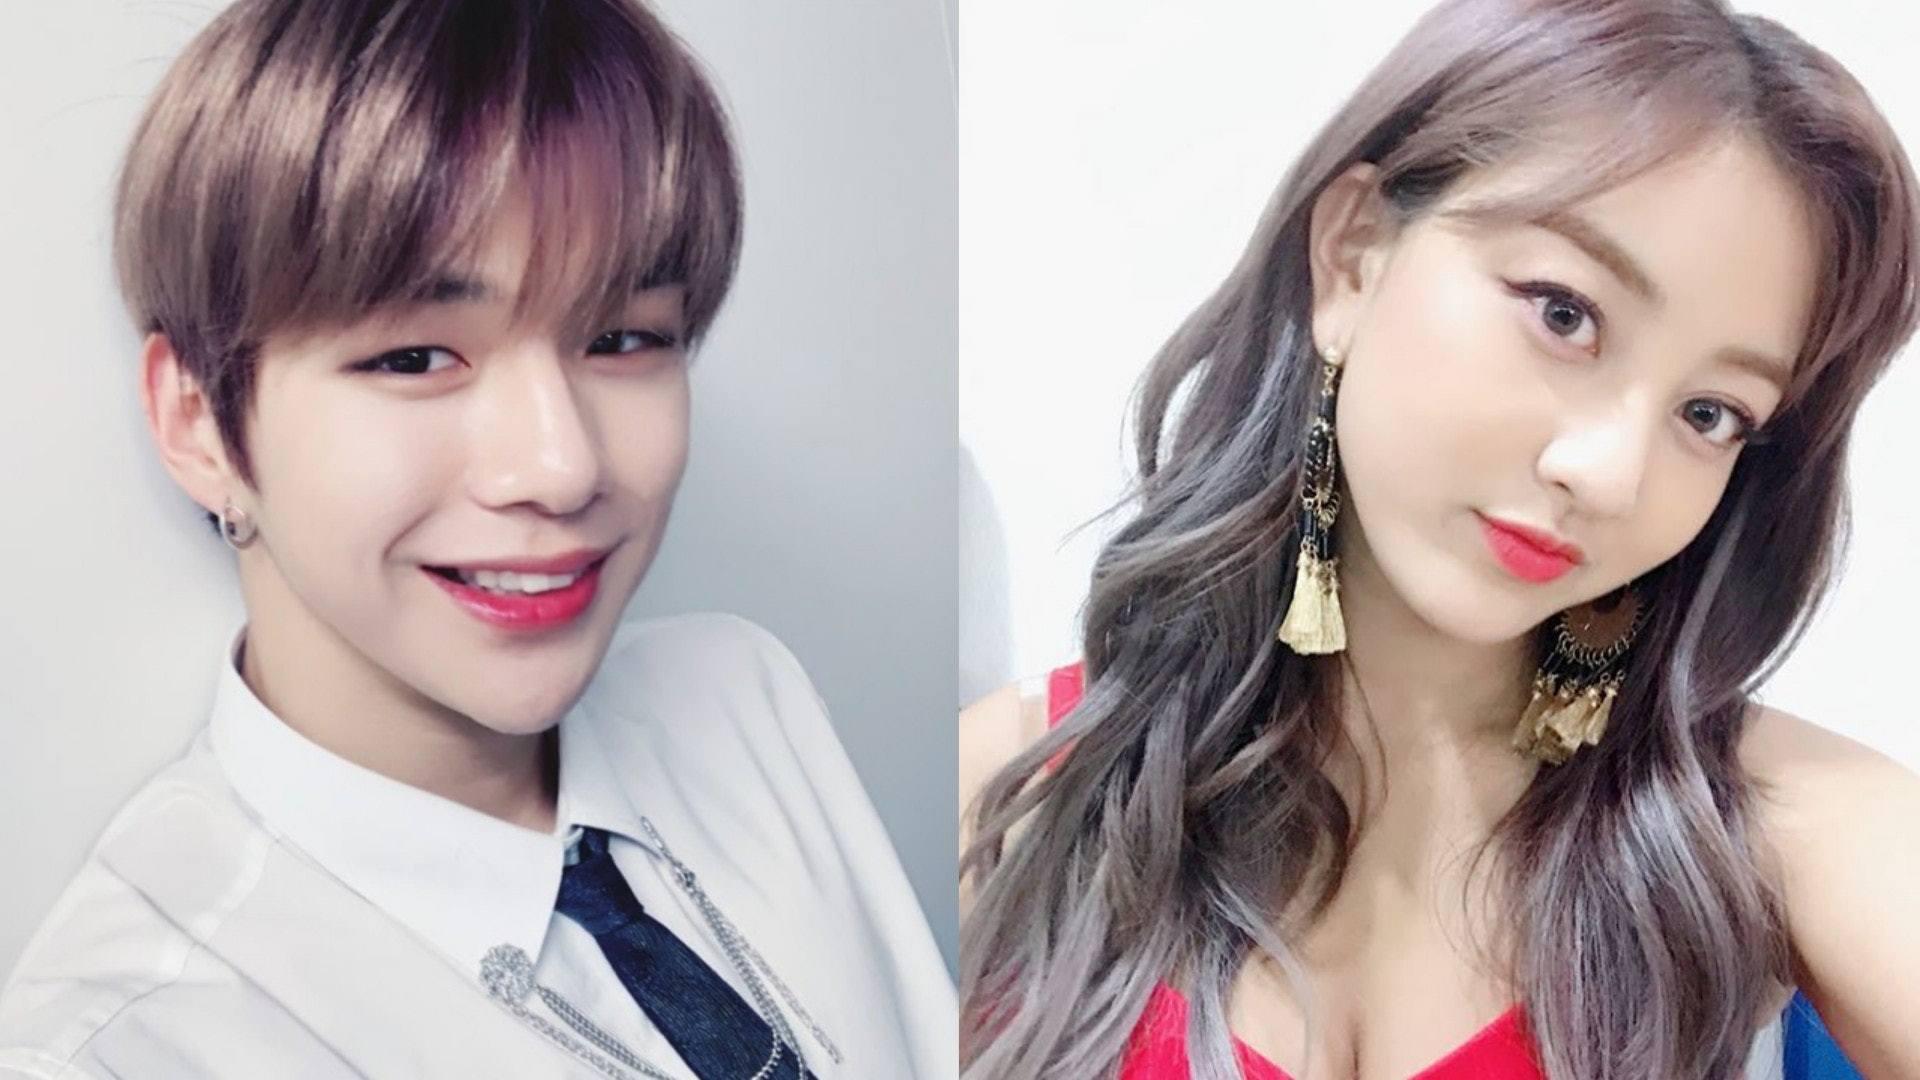 恋爱禁止?这5位韩国偶像因恋情曝光,被韩国粉丝批评插图1